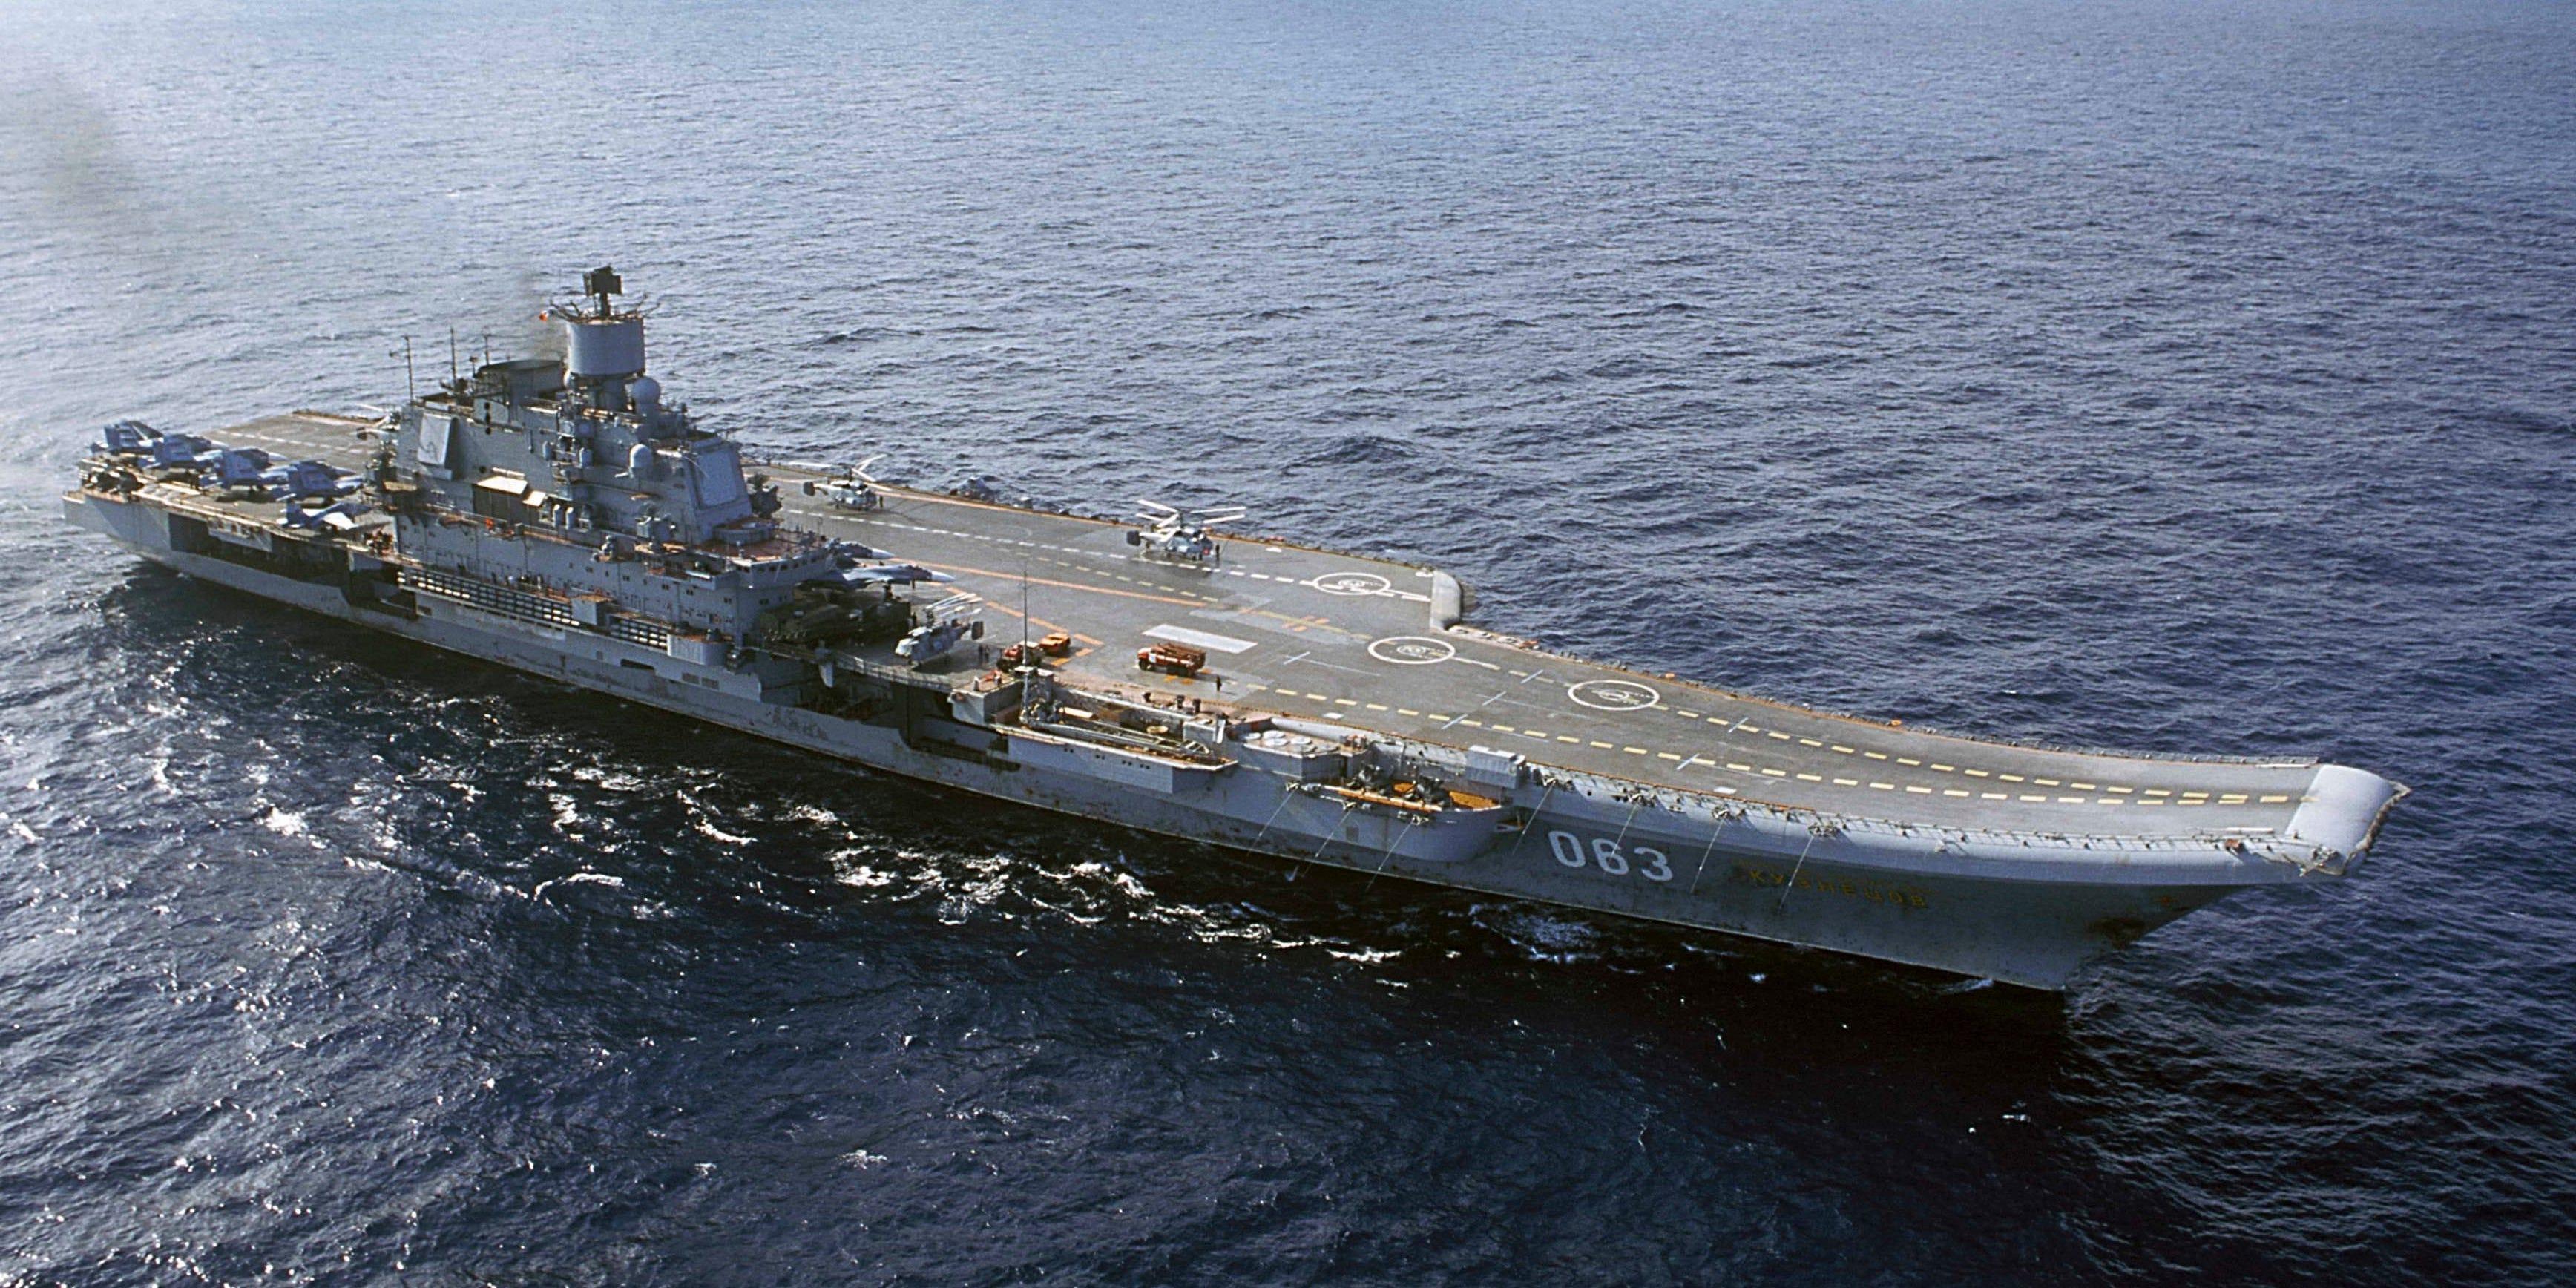 ソ連が作った空母は今も現役…ロシアはもちろん、中国やインドでも就役 ...